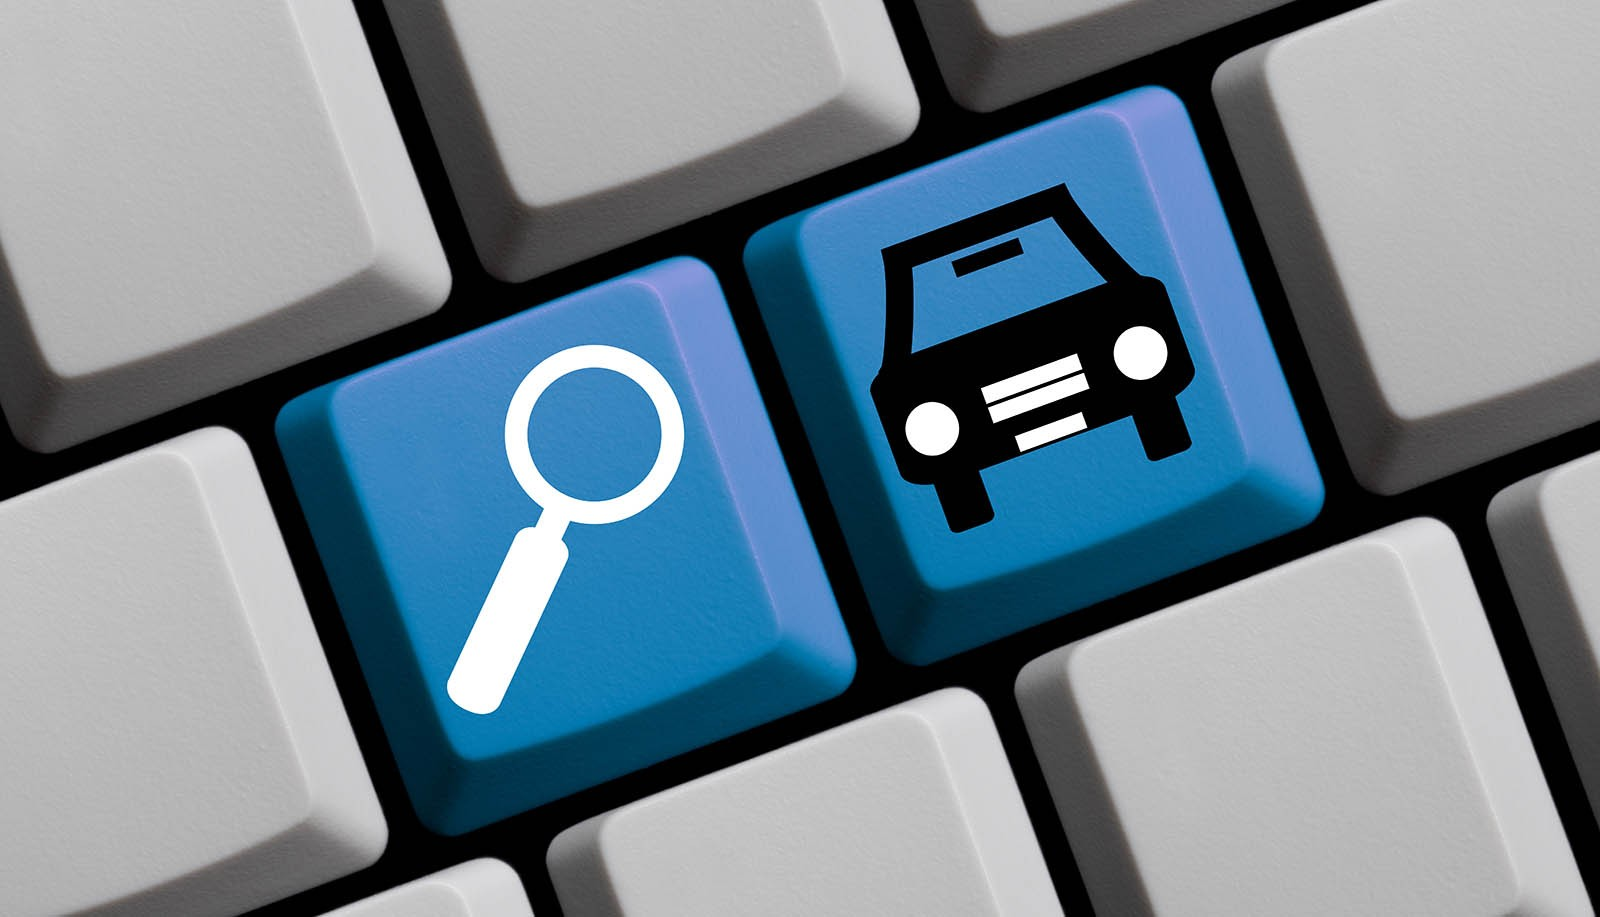 Потенциал вторичного рынка и тренды пандемии: итоги конференции Авито Авто для профессионалов автоиндустрии